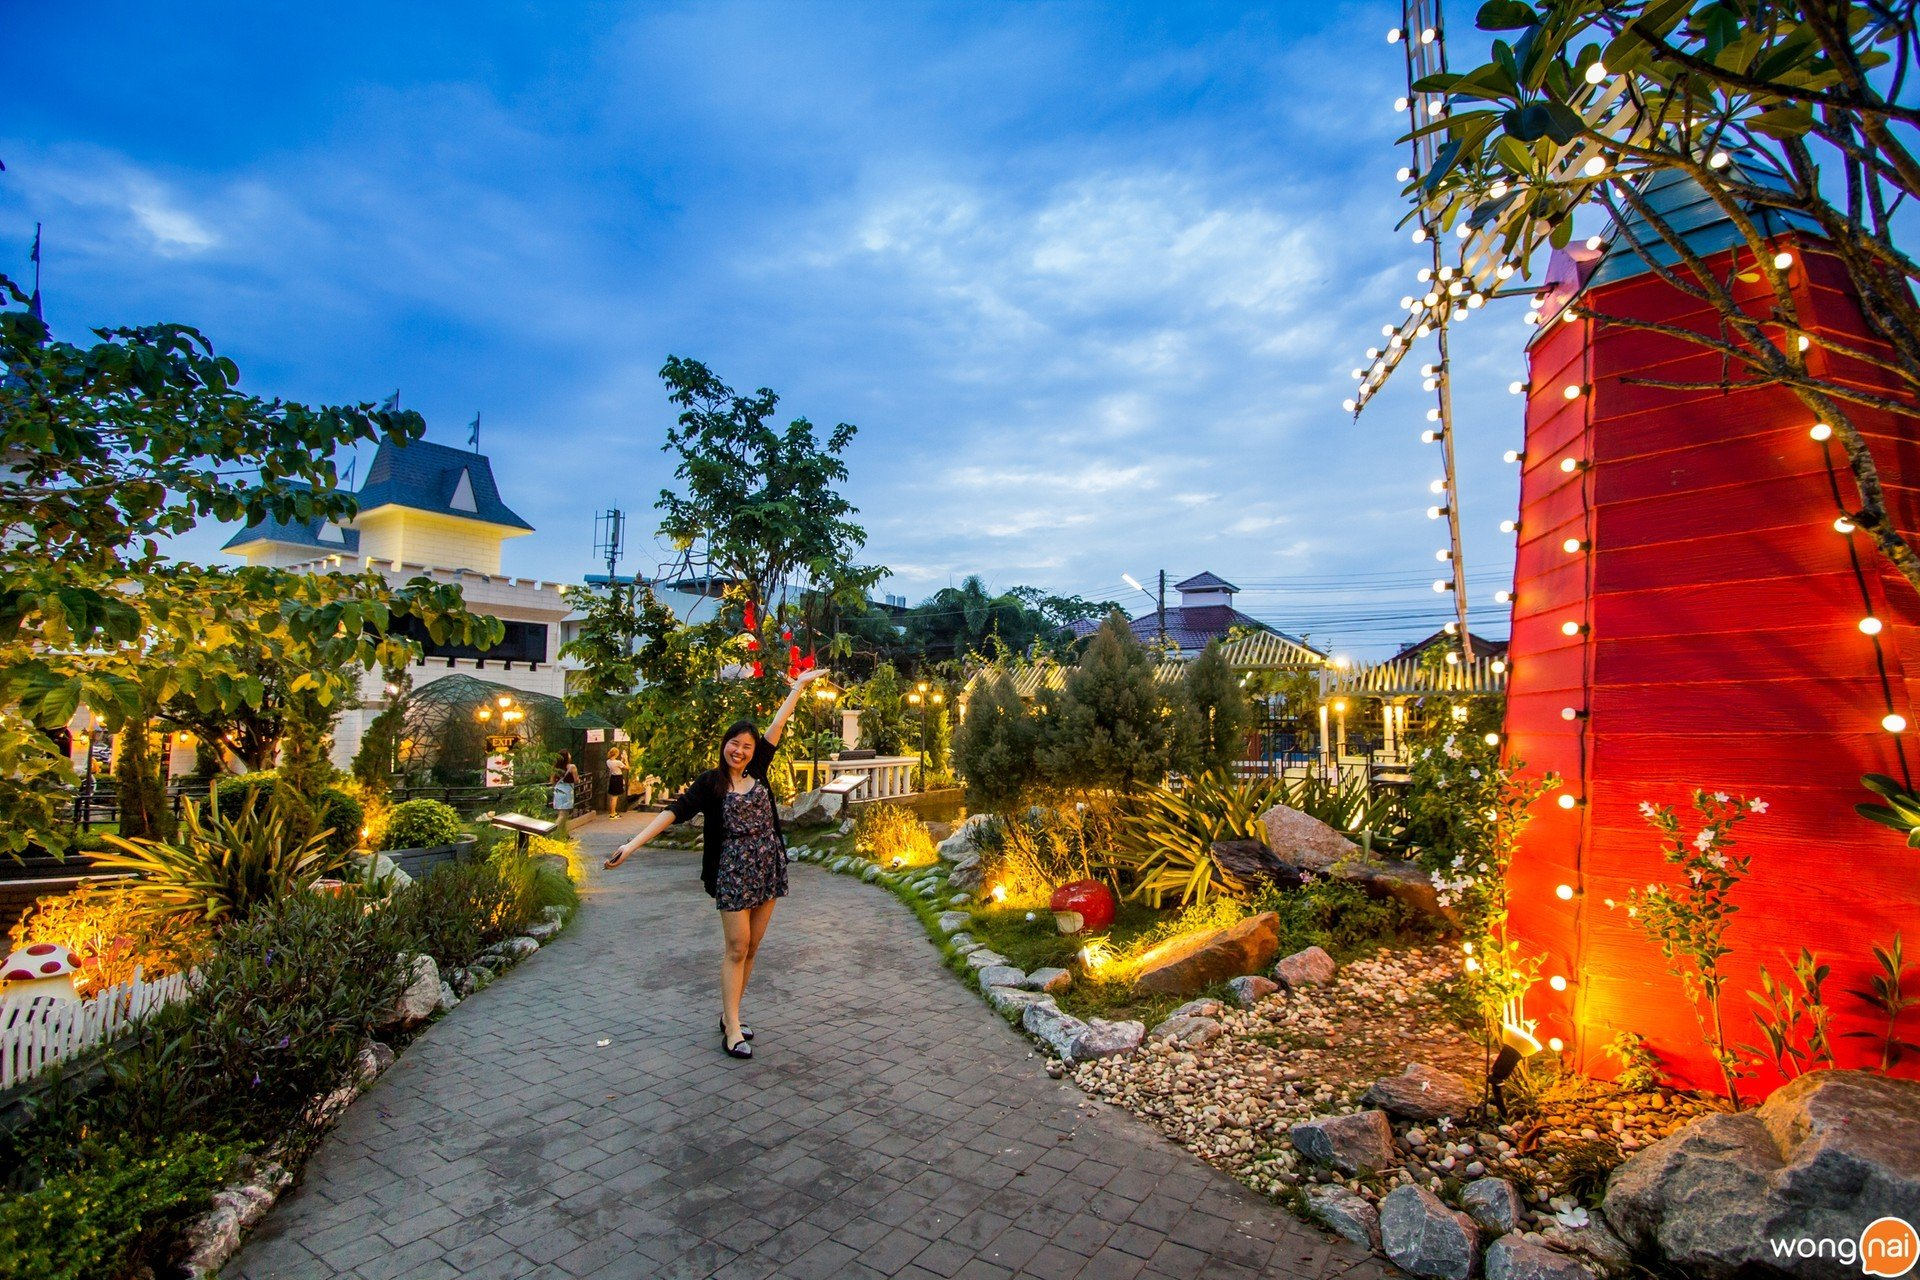 บรรยากาศสวนสวย ๆ ของสวนอาหาร Wine Village